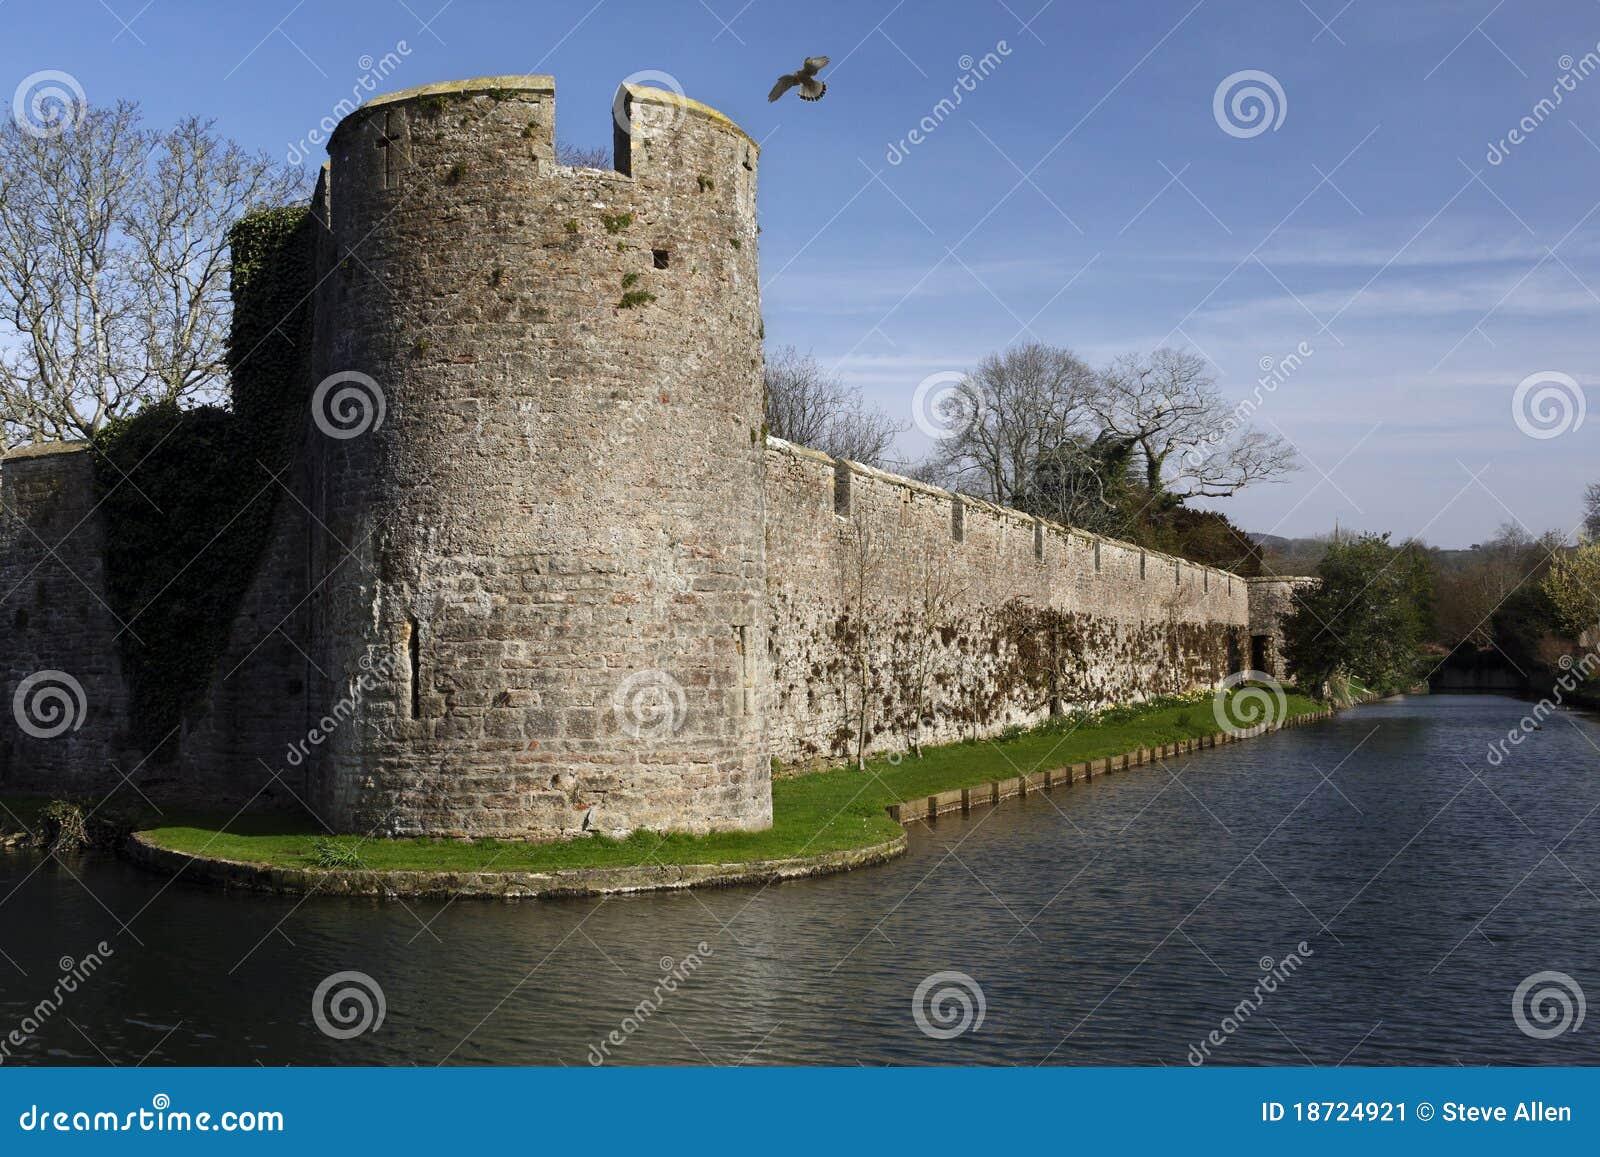 Paredes defensivas - palácio dos Bishops - poços - Inglaterra